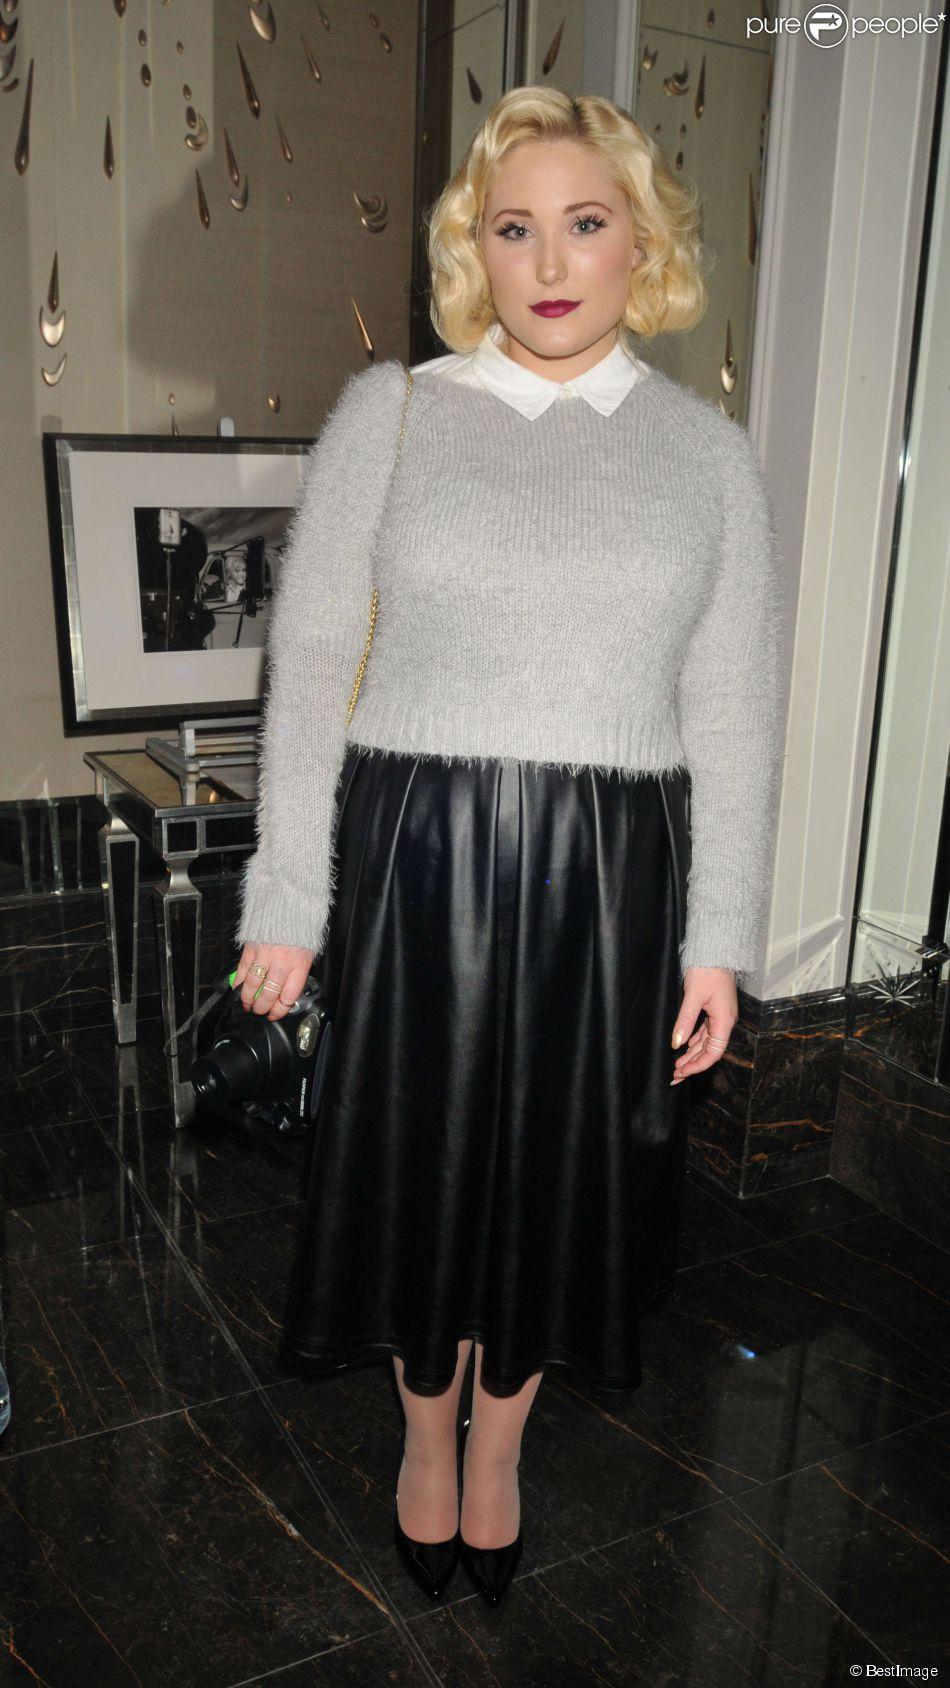 """Hayley Hasselhoff (La fille de David Hasselhoff) au Vernissage de l'exposition de photographies de Marilyn Monroe """"Cocktails with Marilyn"""" à Londres. Le 20 février 2014"""